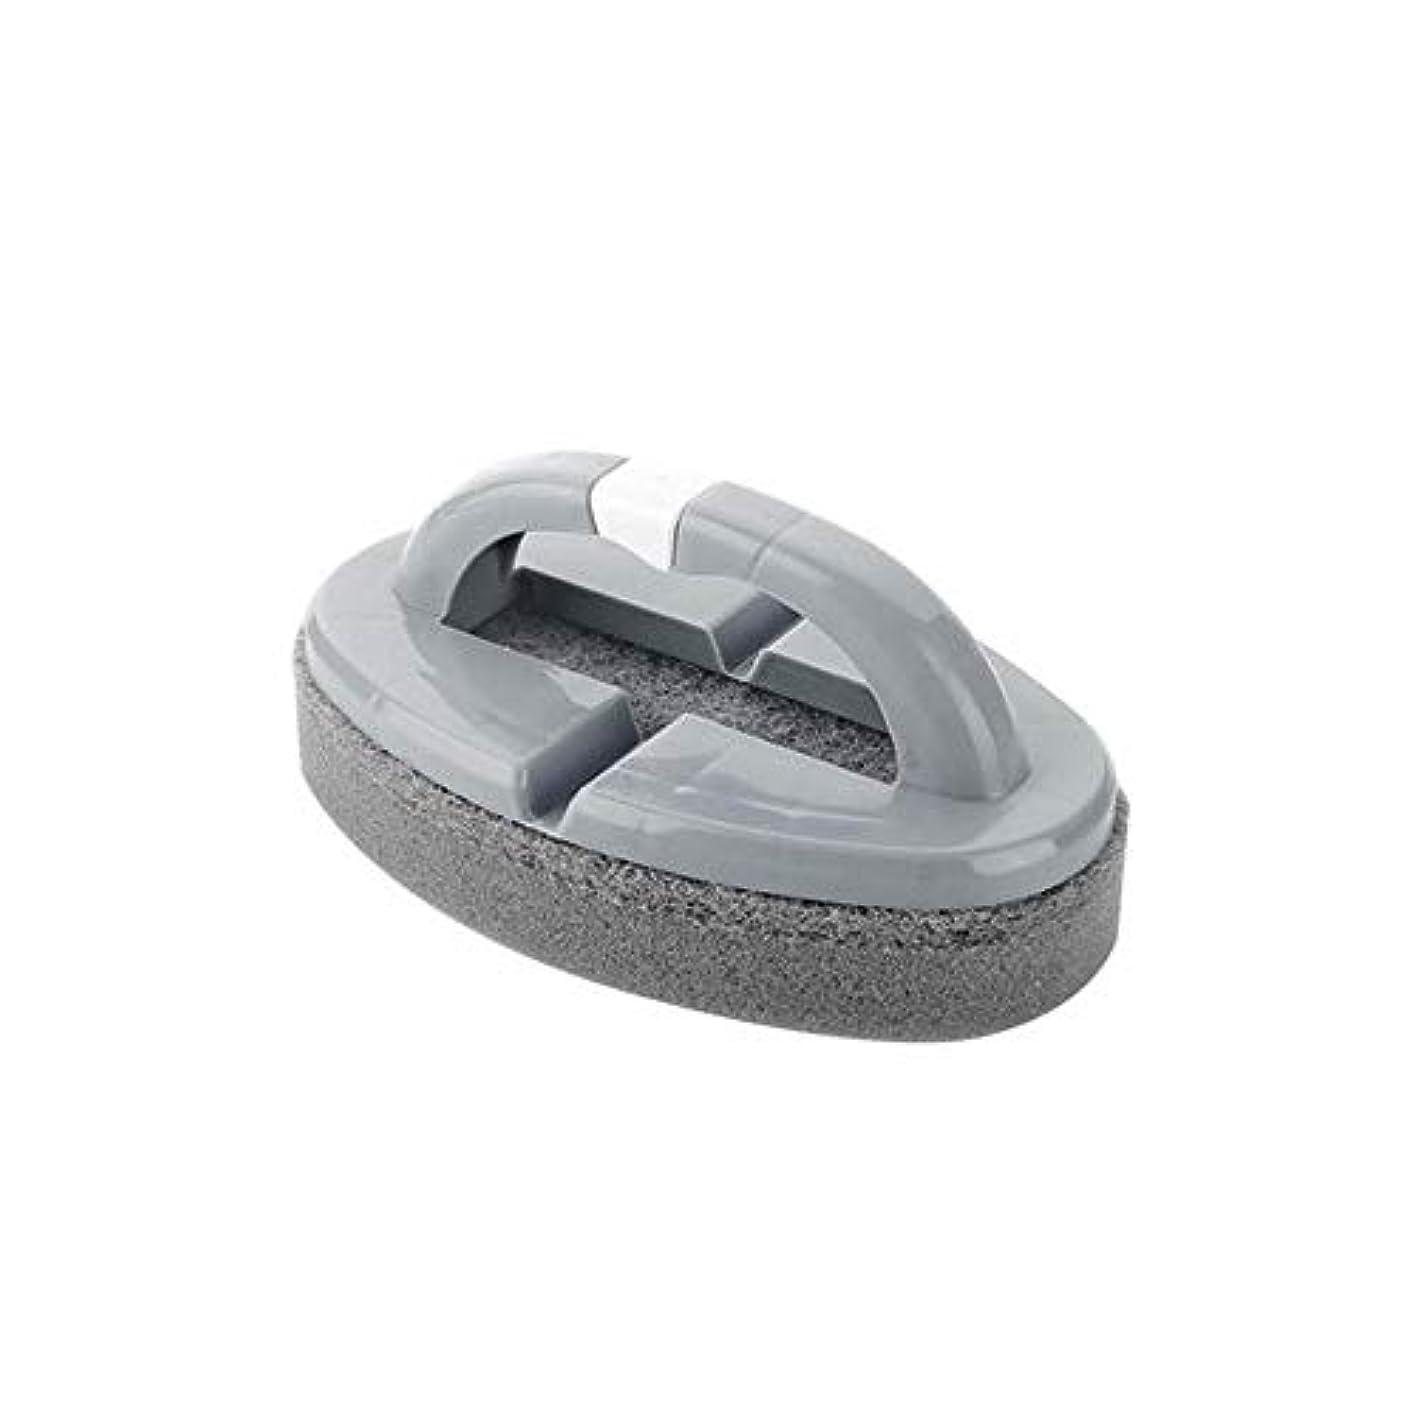 カビパンチ縫うポアクリーニング 折りたたみスポンジハンドル付きハンドルバスルームタイルクリーニングブラシ2 PCS マッサージブラシ (色 : C)